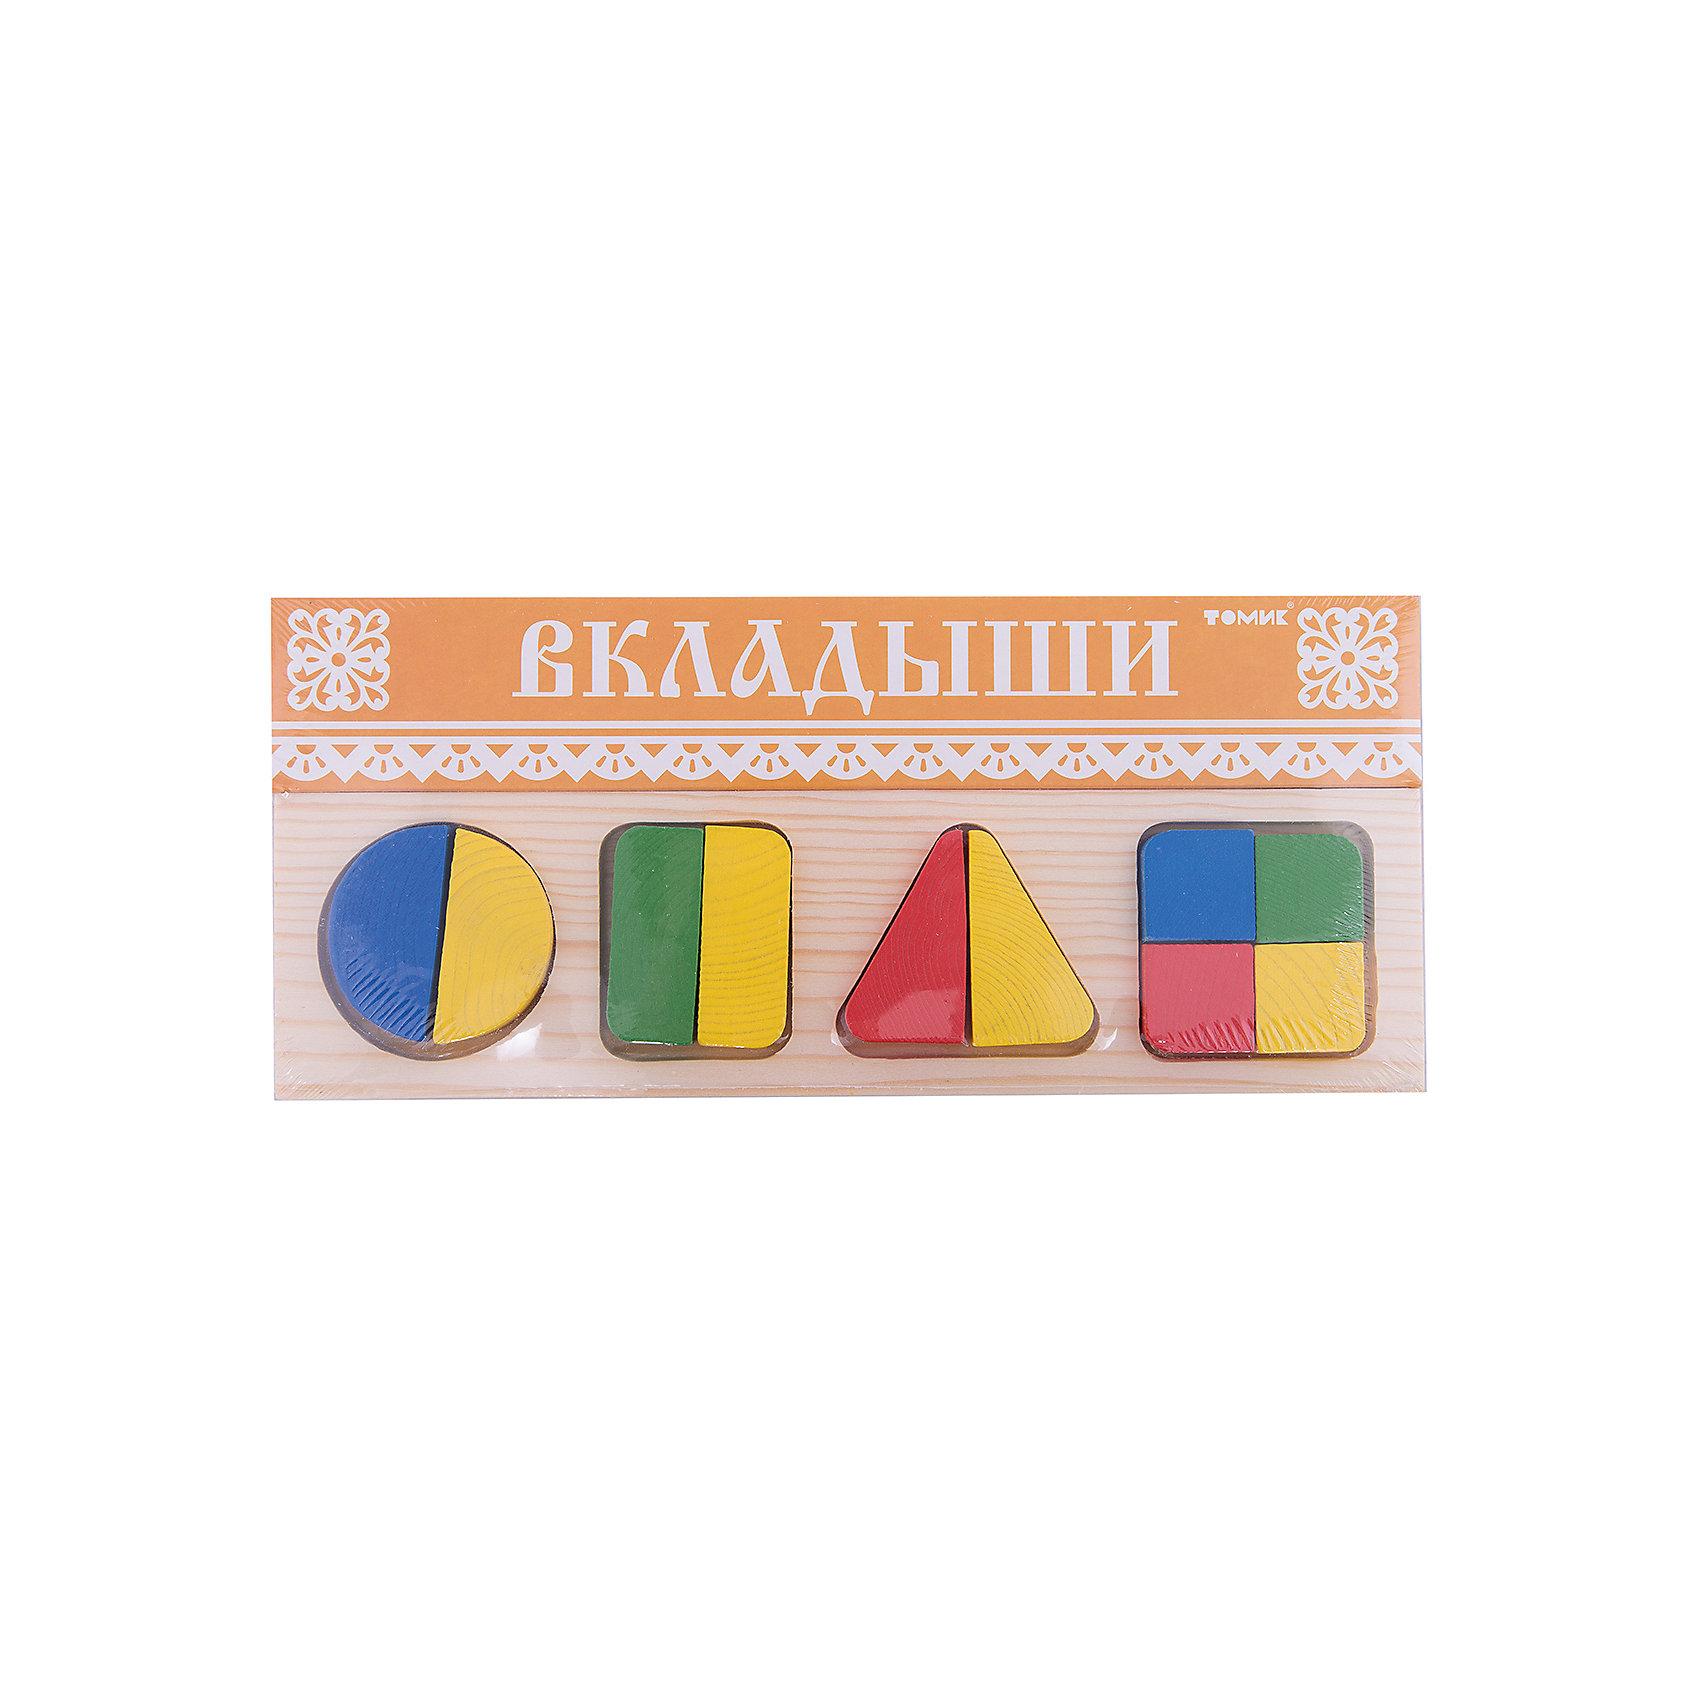 Рамка-вкладыш   Геометрия Большая,  ТомикРамка-вкладыш «Геометрия Большая», Томик поможет ребенку познакомиться с геометрическими фигурами и понять, как из нескольких частей складывается целое.<br><br>Рамка-вкладыш представляет собой прямоугольную рамку с четырьмя углублениями для геометрических фигур – круга, квадрата, прямоугольника и треугольника. Каждая из этих фигур поделена на части. В углубления рамки нужно вставлять подходящие детали, чтобы получить целую фигуру. Так, круг, прямоугольник и треугольник состоят из двух частей, а квадрат из четырех. <br><br>Комплектация:<br>- рамка-вкладыш<br>- 10 элементов<br><br>Дополнительная информация:<br><br>- размер упаковки: 30х13х1,5 см<br>- вес: 255 г<br>- материал: дерево<br><br>Рамка-вкладыш «Геометрия Большая», Томик – полезная игра для ребенка, которая развивает усидчивость, пространственное мышление, мелкую моторику рук.<br><br>Рамку-вкладыш «Геометрия Большая», Томик можно купить в нашем магазине.<br><br>Ширина мм: 300<br>Глубина мм: 130<br>Высота мм: 15<br>Вес г: 270<br>Возраст от месяцев: 12<br>Возраст до месяцев: 36<br>Пол: Унисекс<br>Возраст: Детский<br>SKU: 3574609